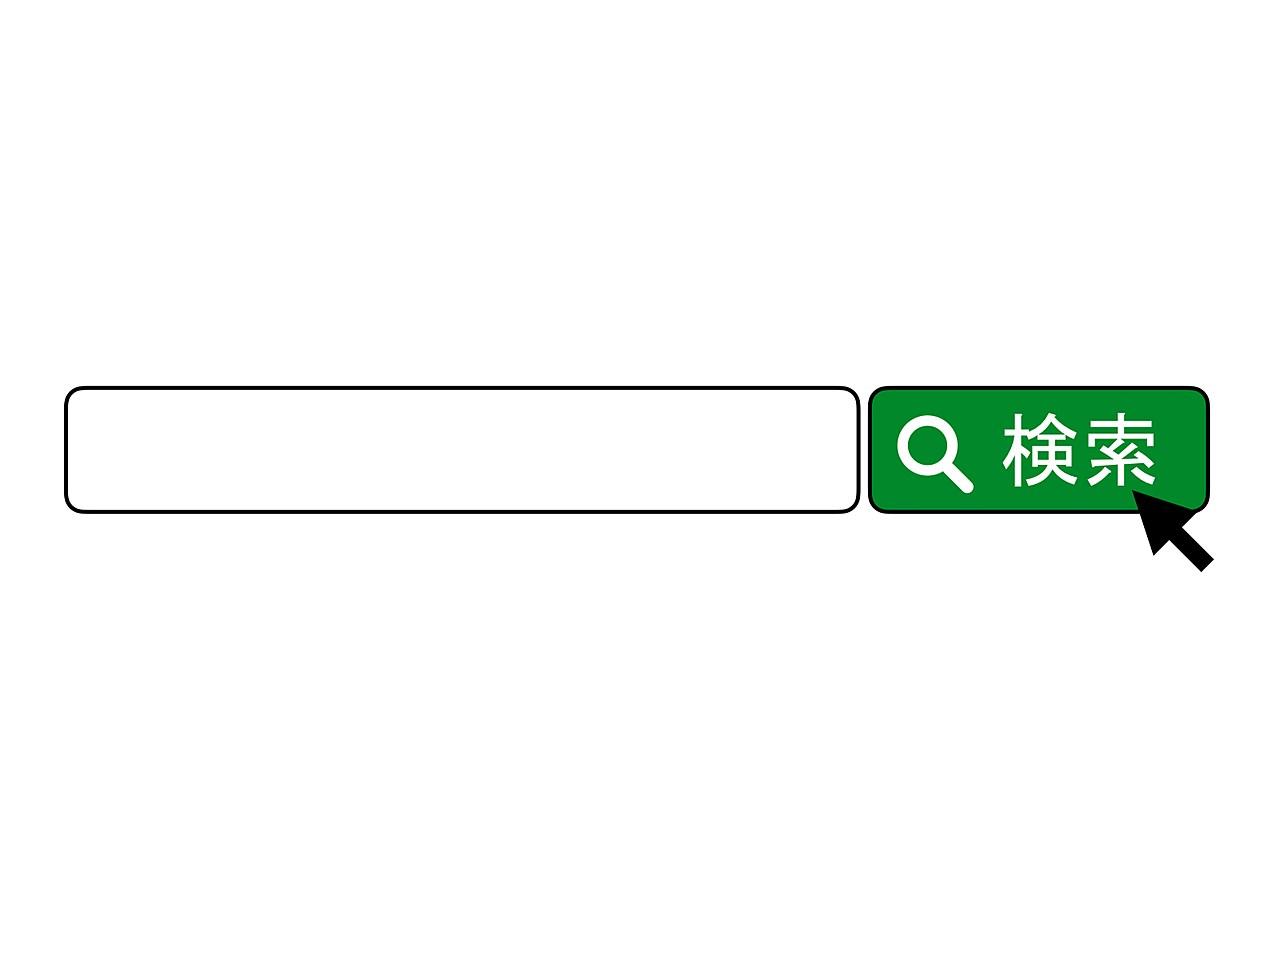 google-hidden-command-00